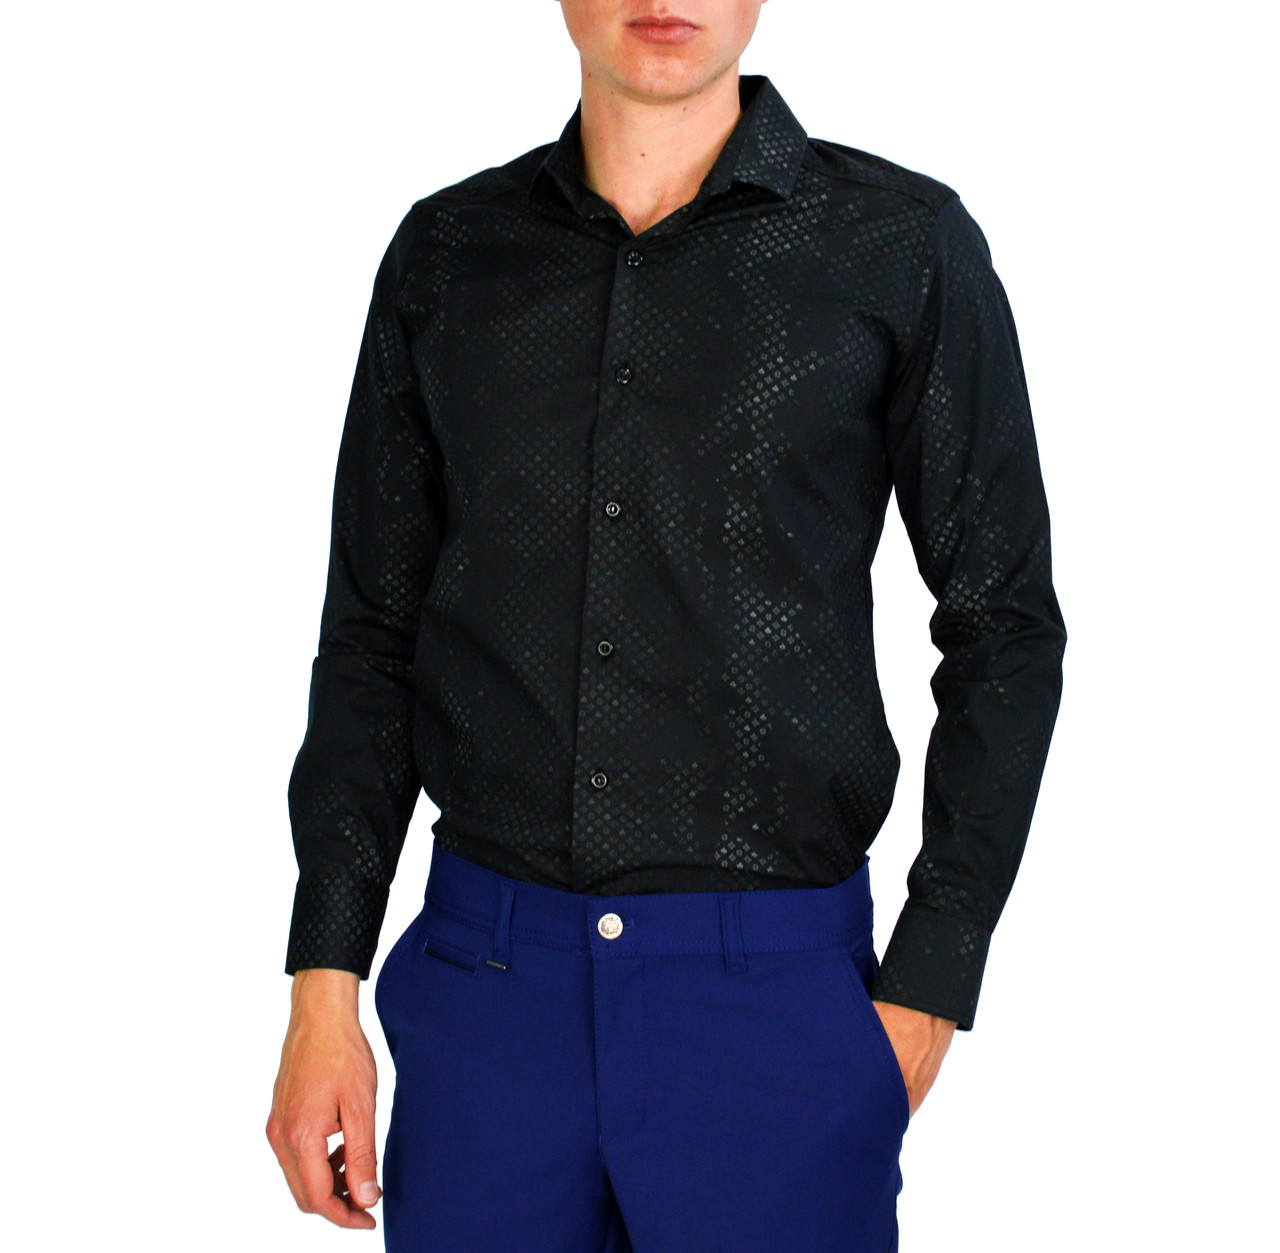 6142ed27c95 Черная с узором мужская рубашка классическая LORENTI -